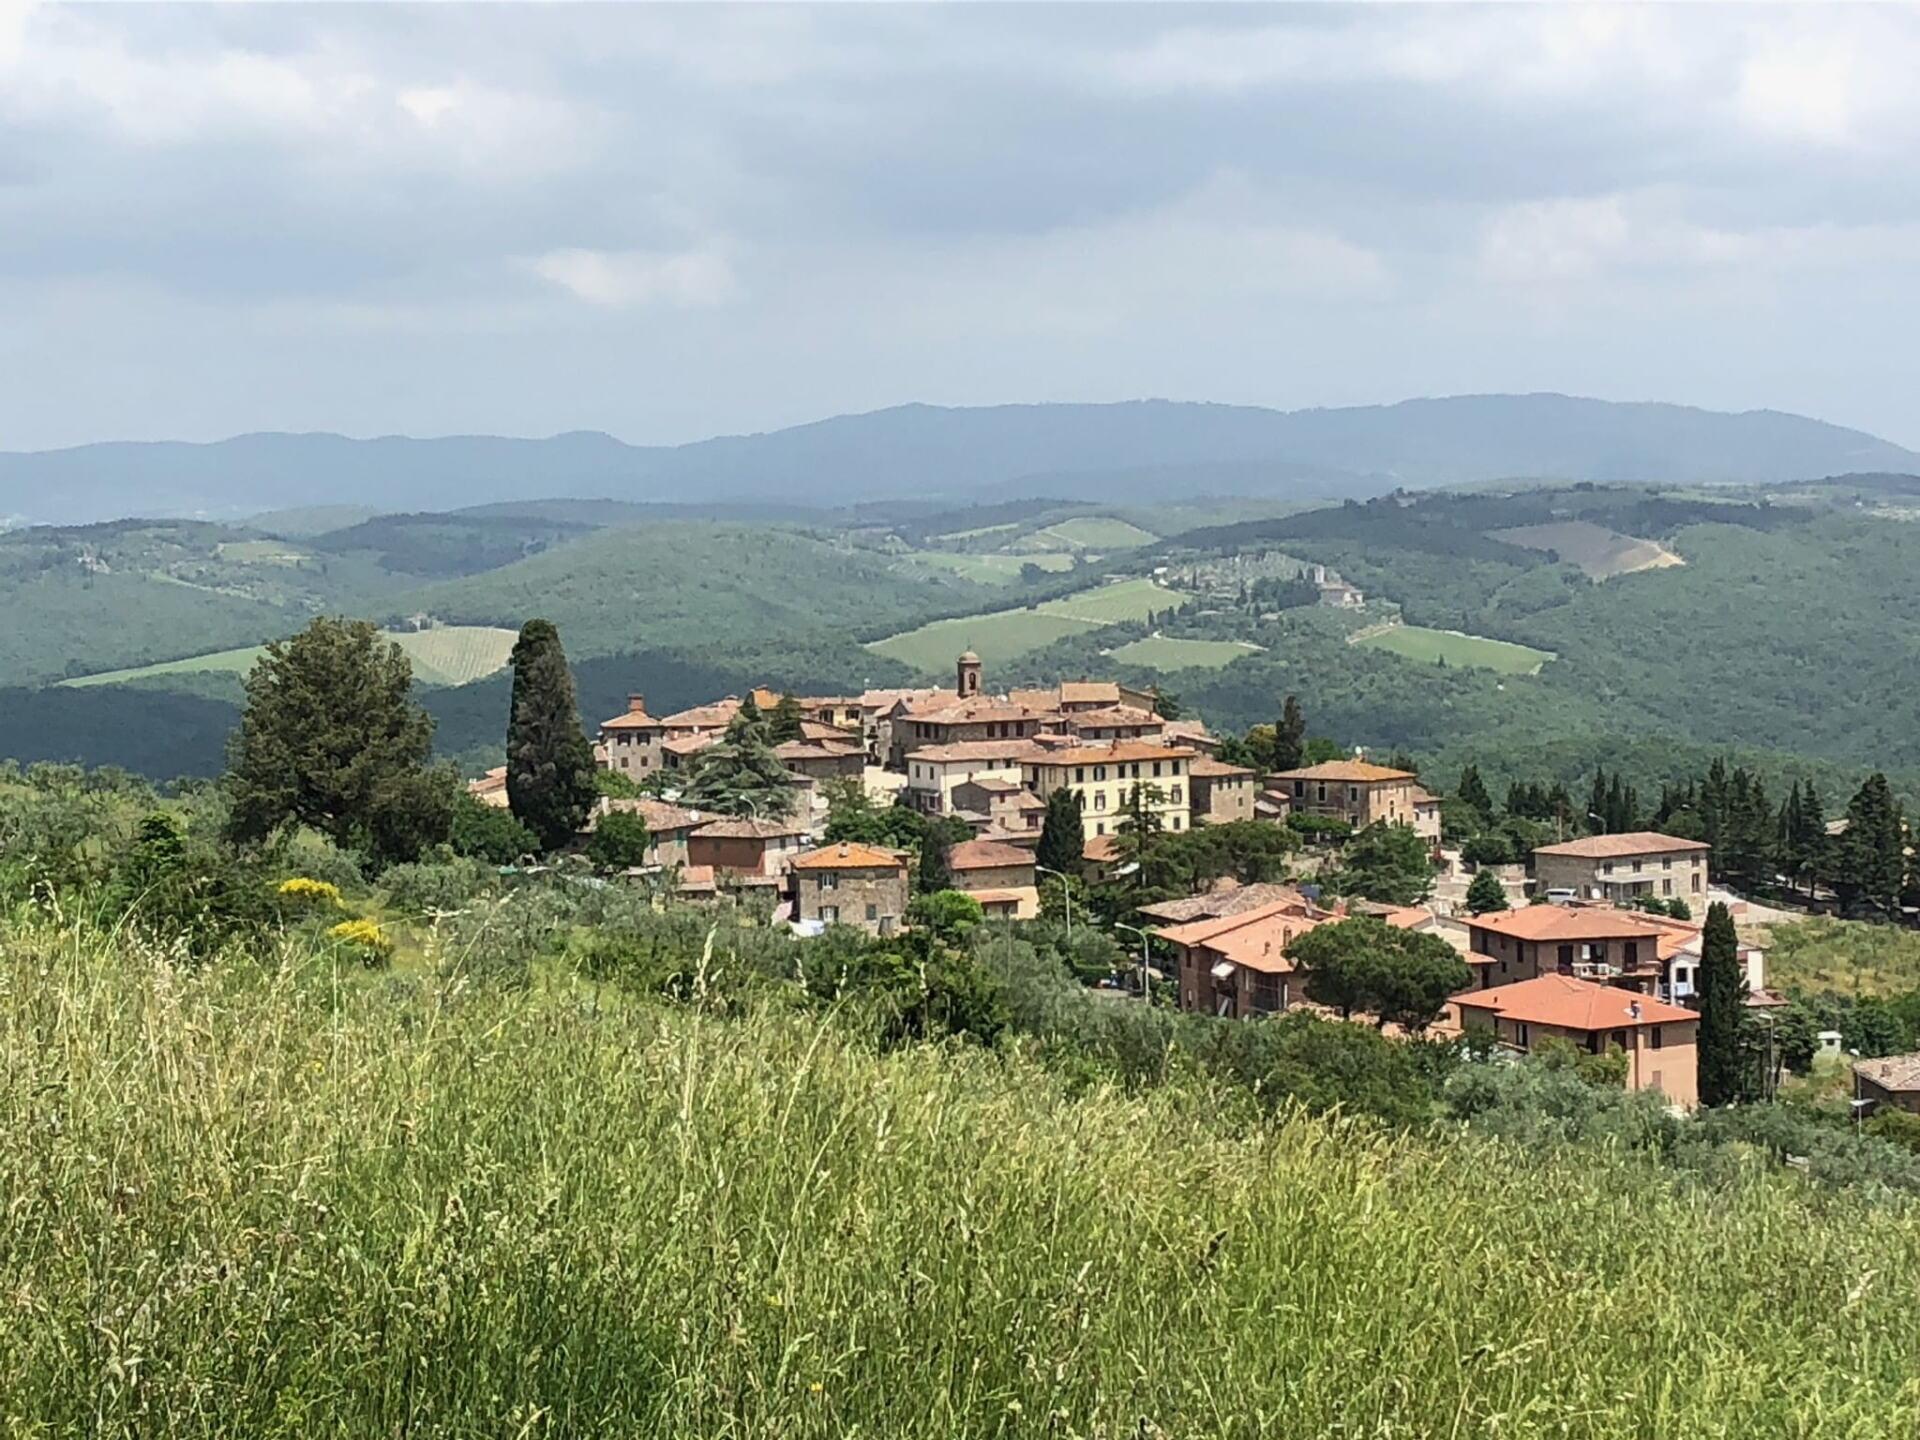 The Italian town of Vagliagli is home to Fattoria Aiola